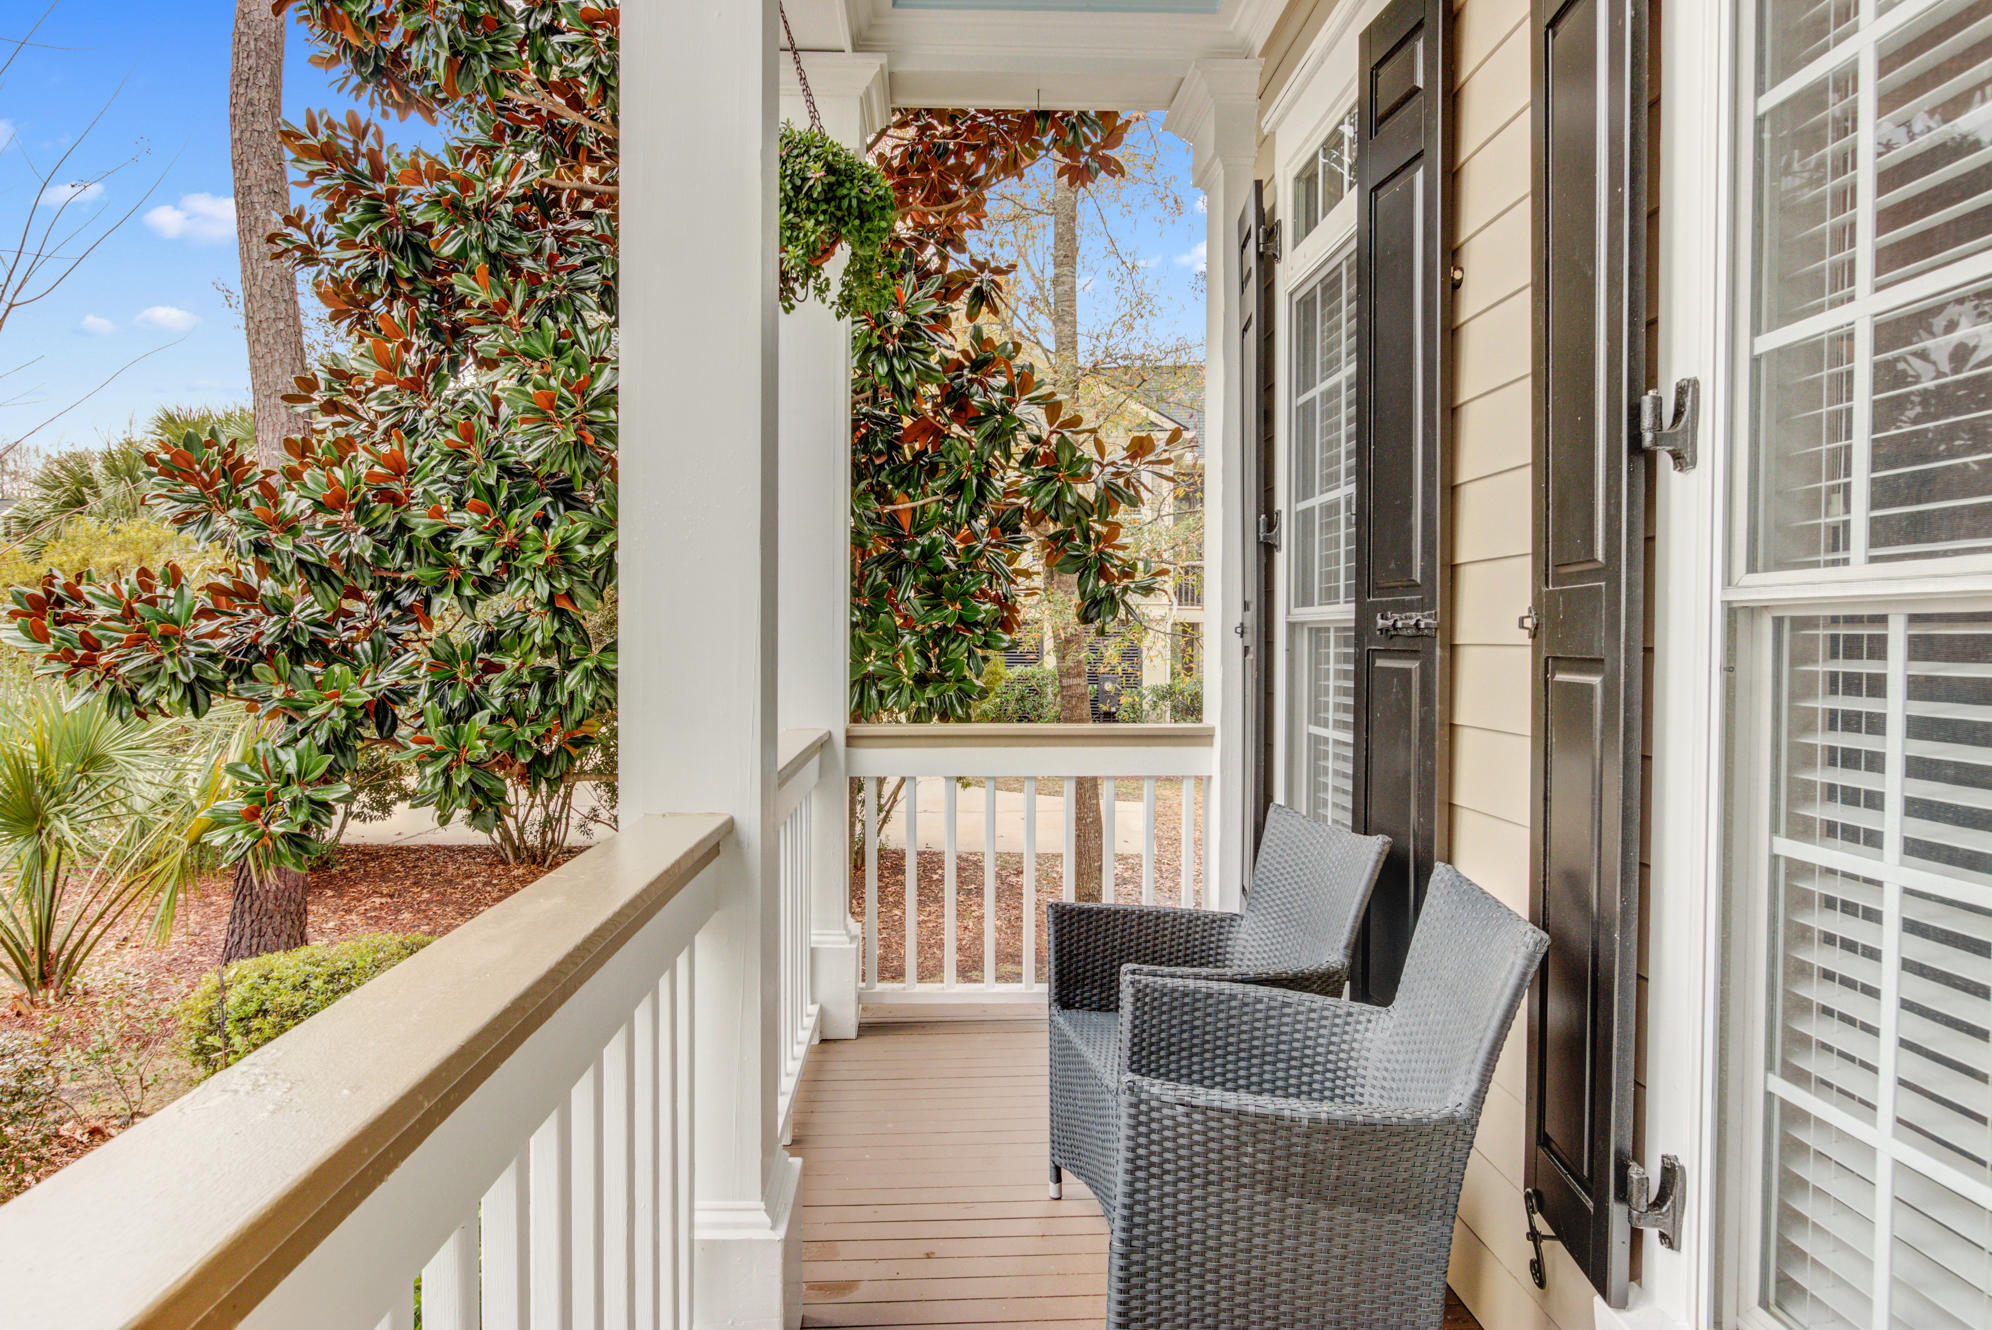 Park West Homes For Sale - 1527 Capel, Mount Pleasant, SC - 11